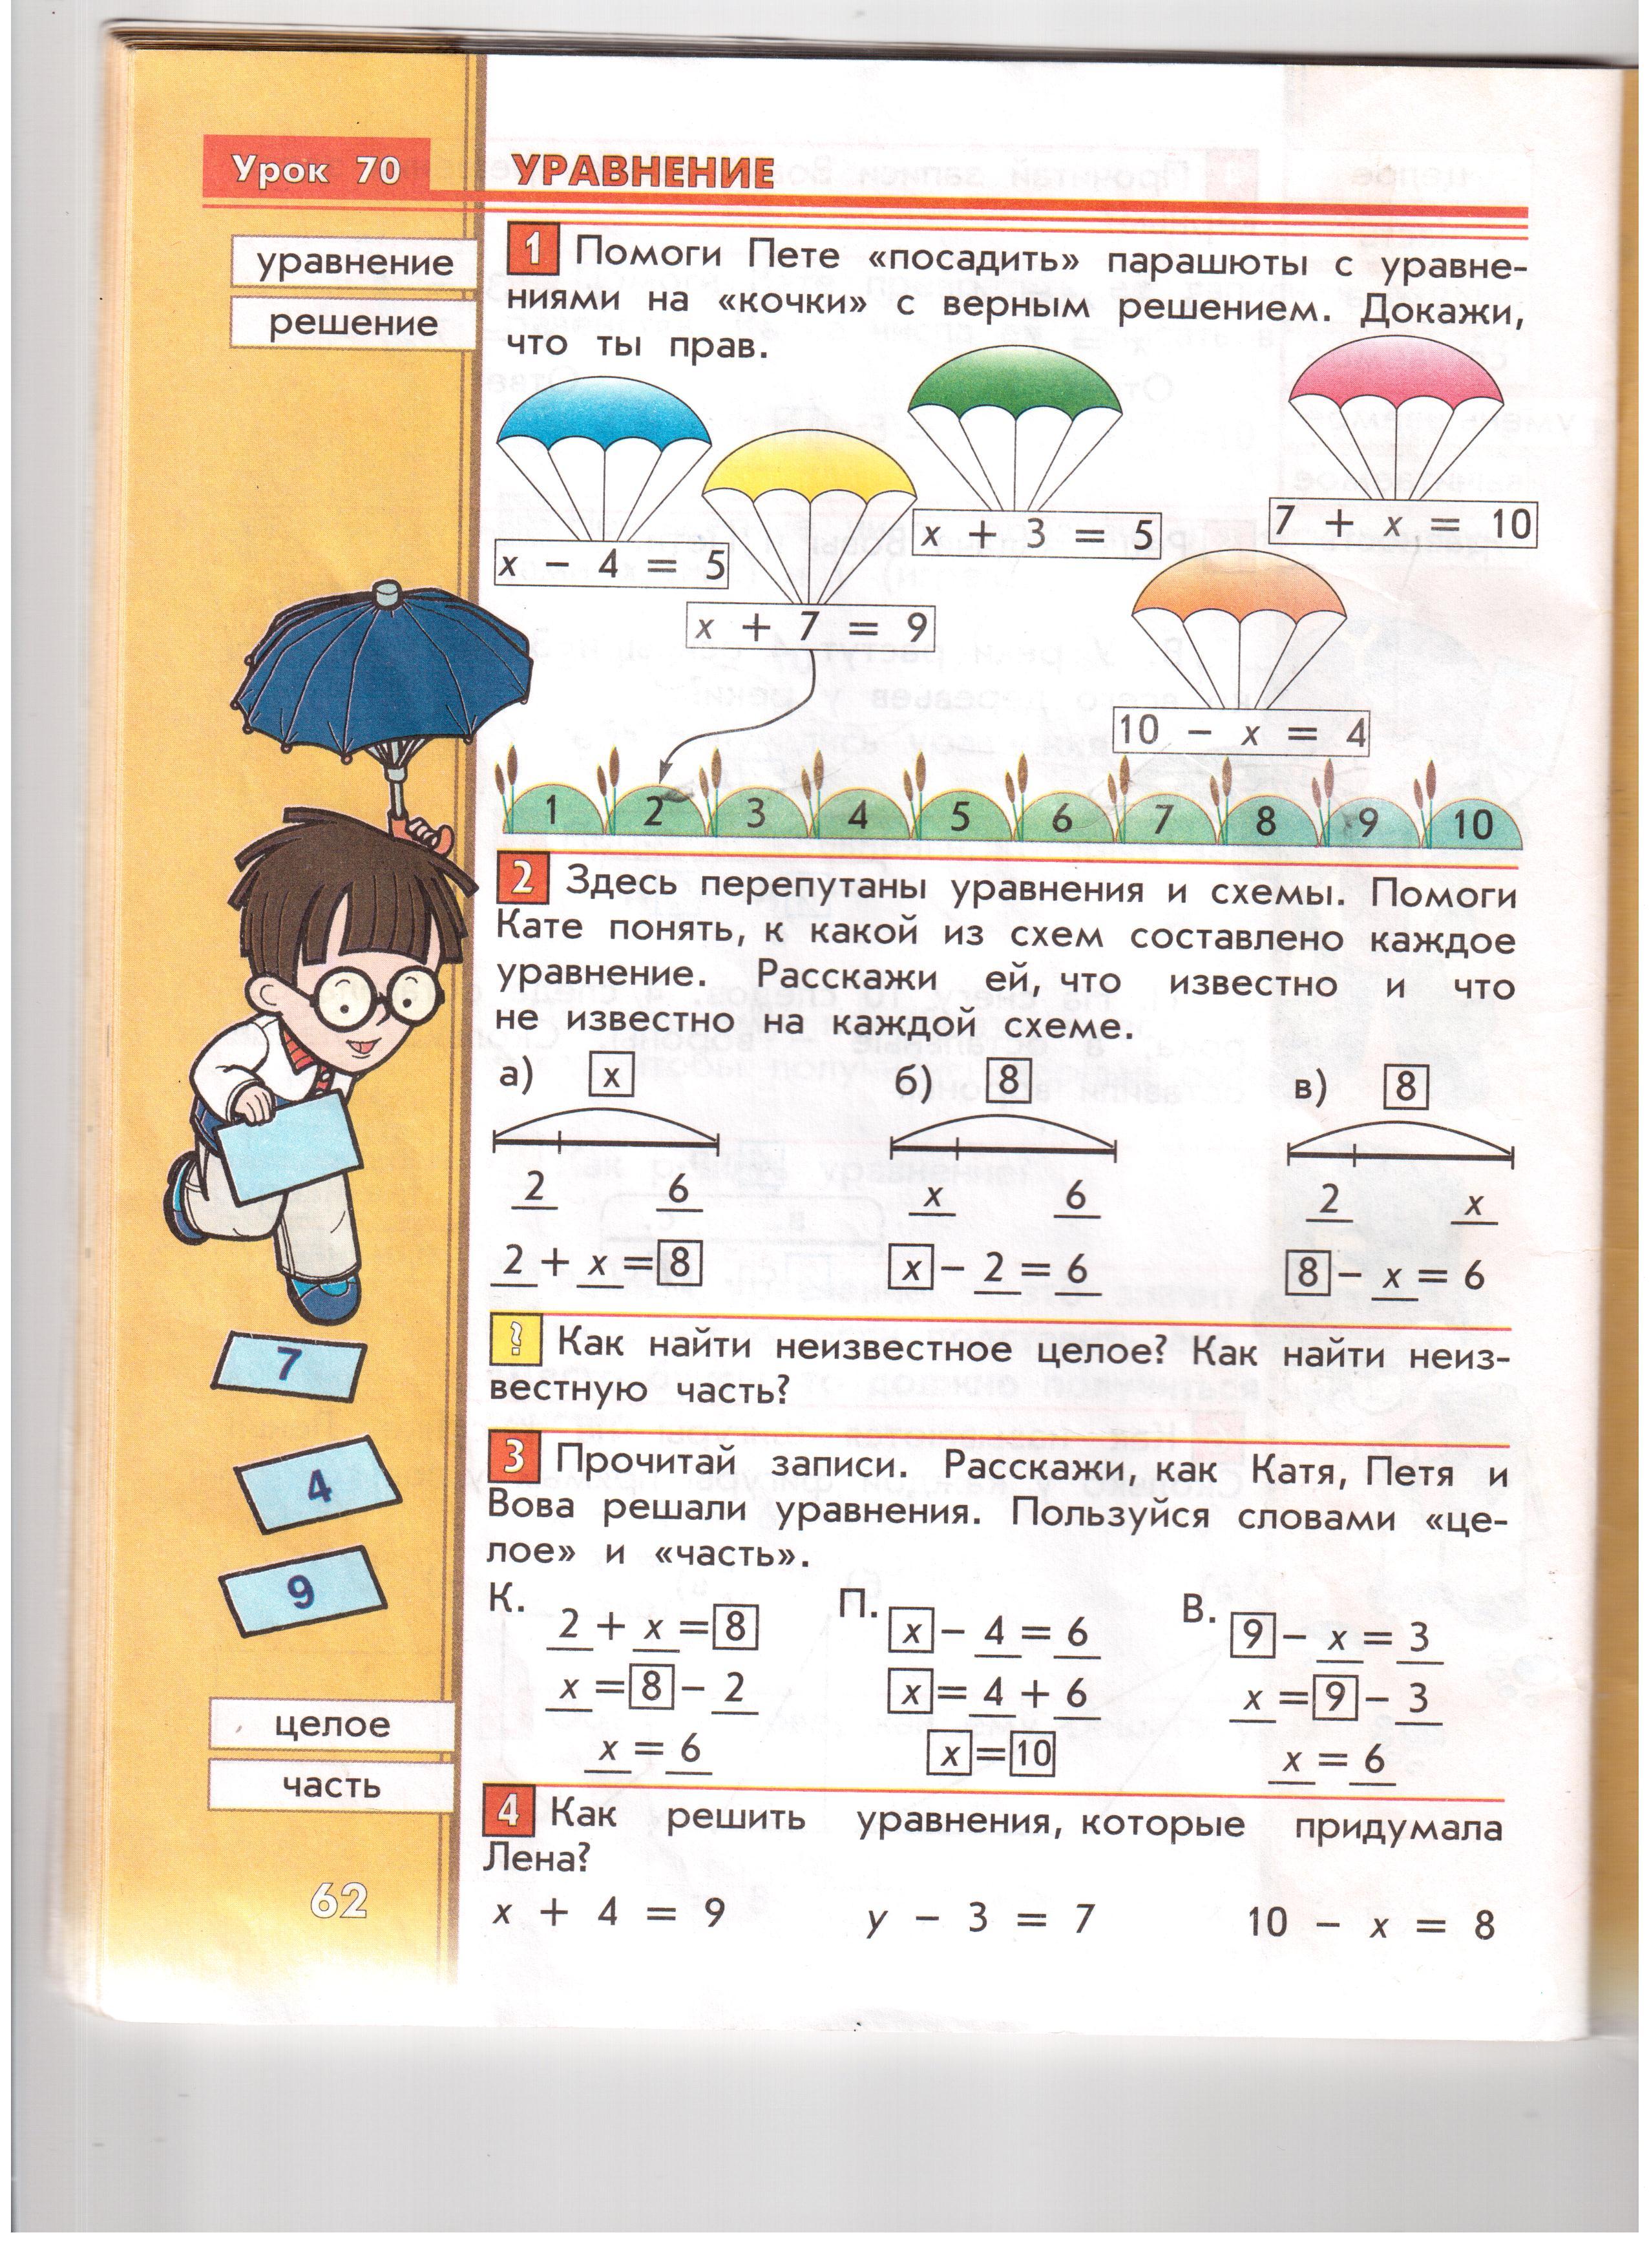 Конспект урока сиспользованием развивающих технологий в 1классе по математике